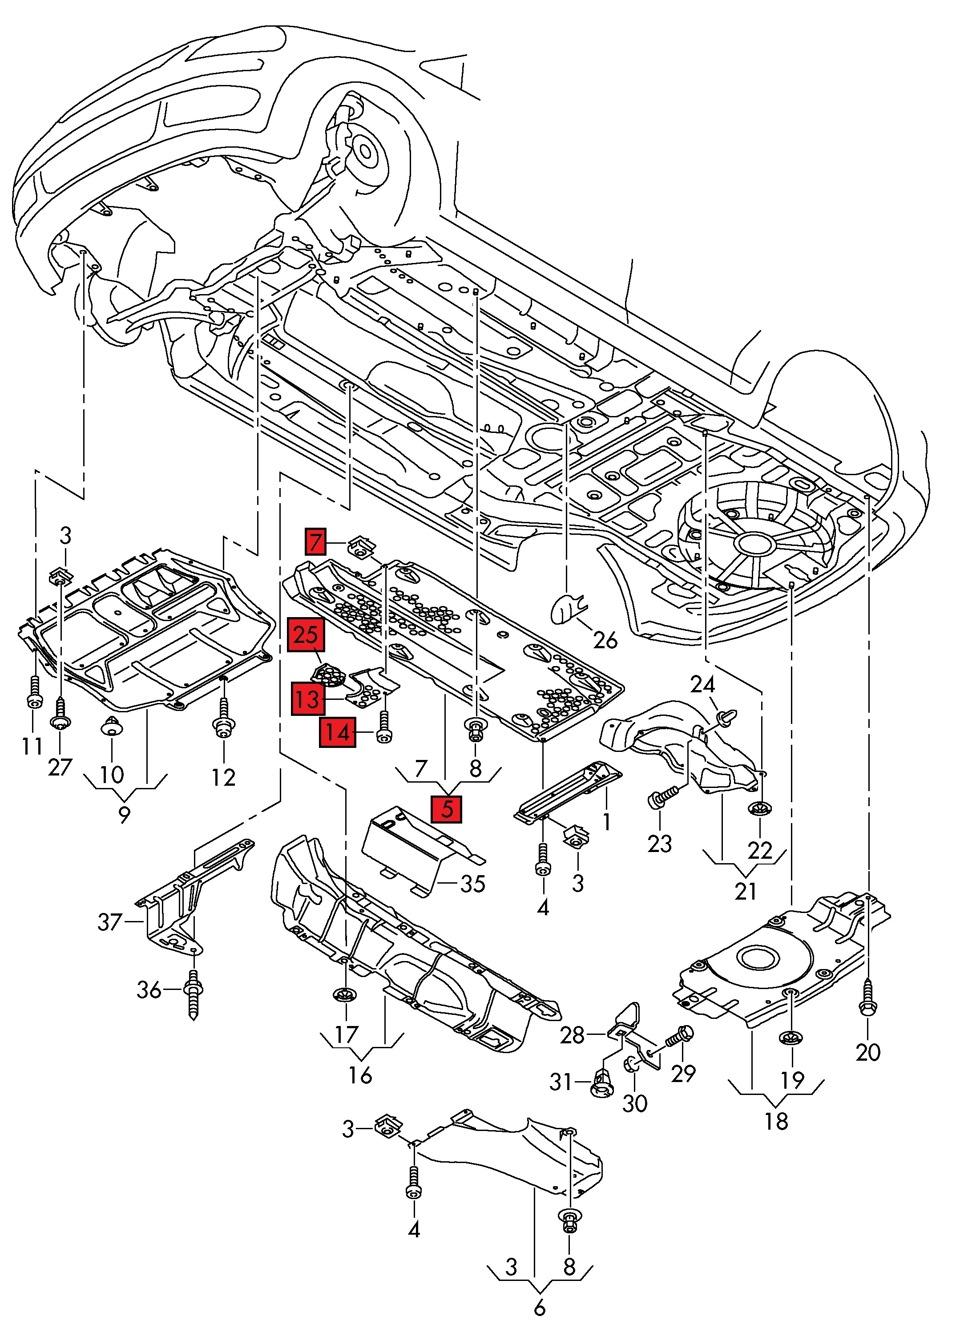 Схема для днища машины